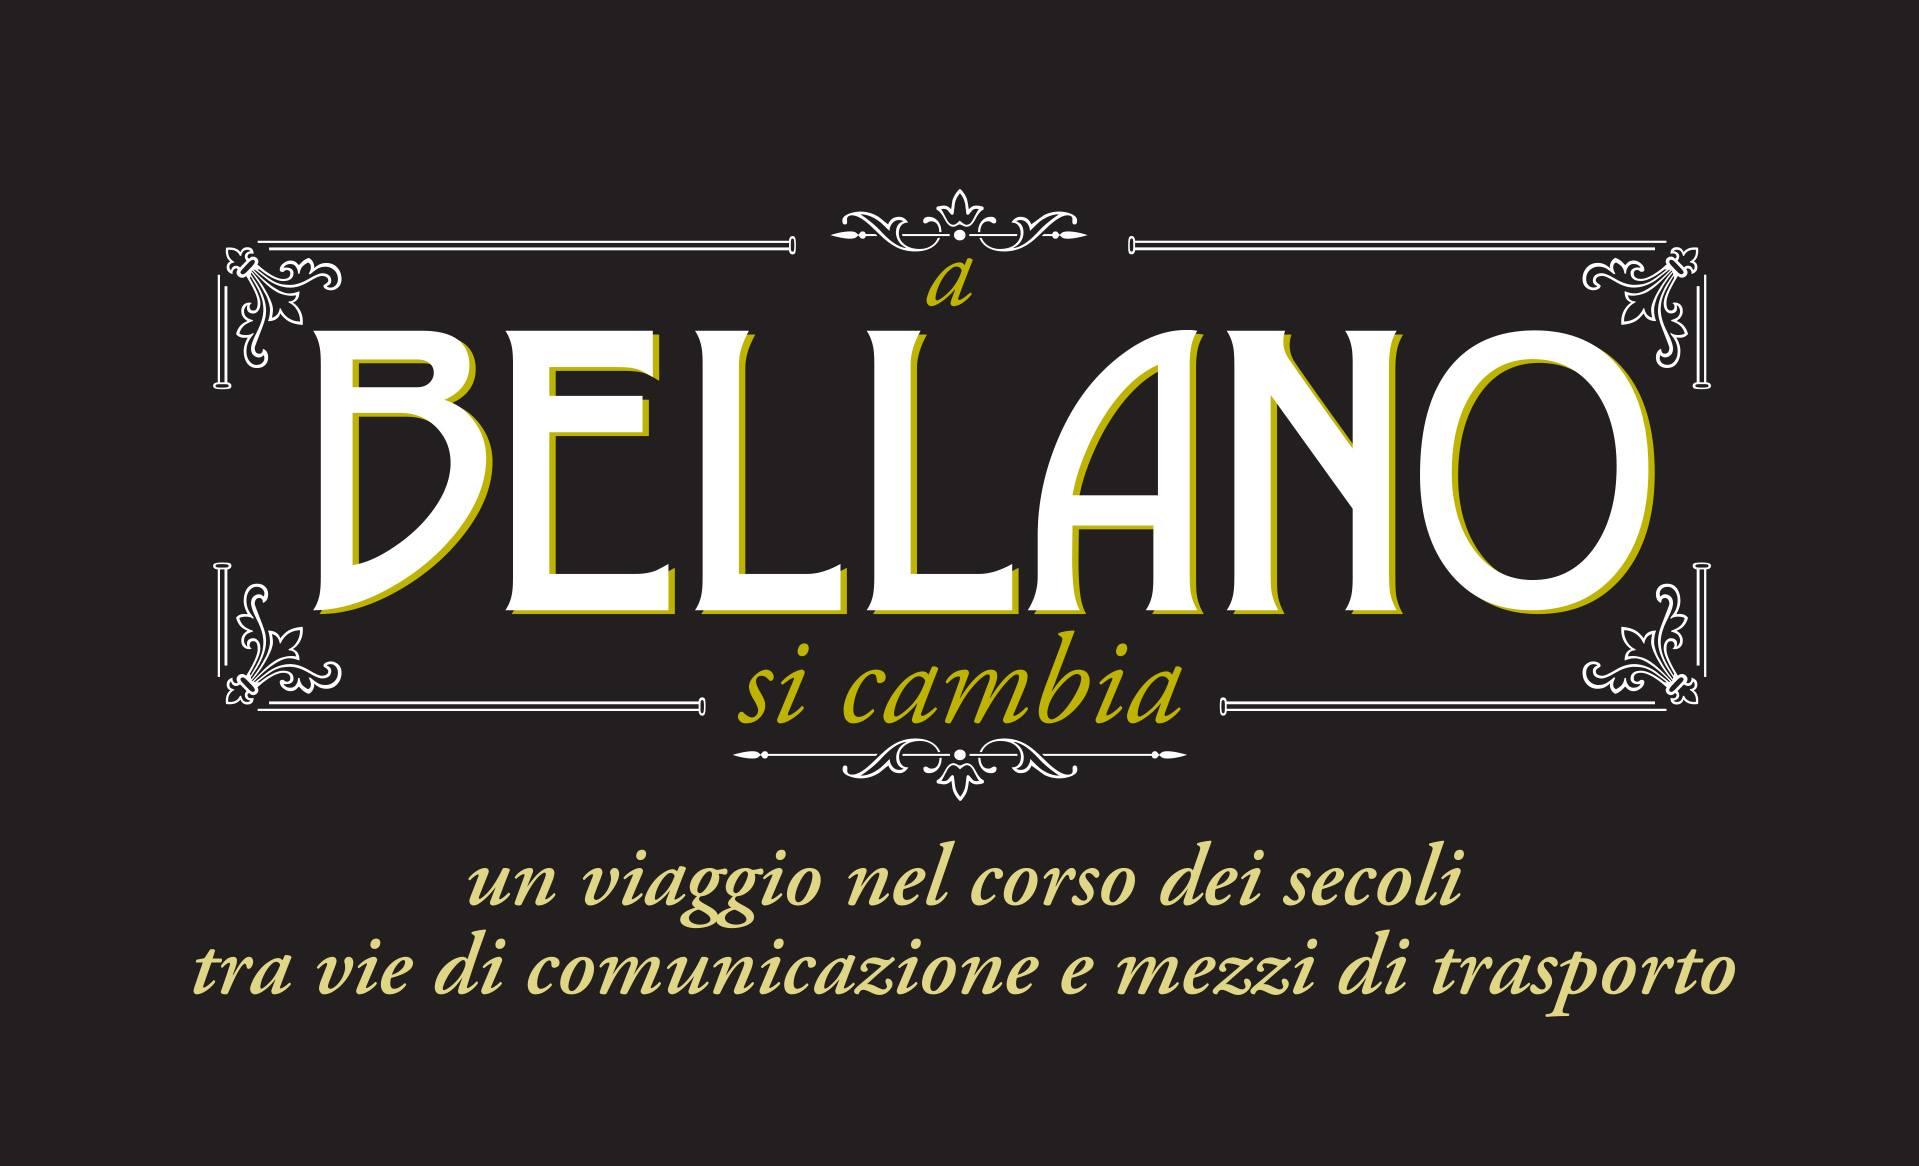 A Bellano si Cambia – Viaggio tra vie di comunicazione e mezzi di trasporto